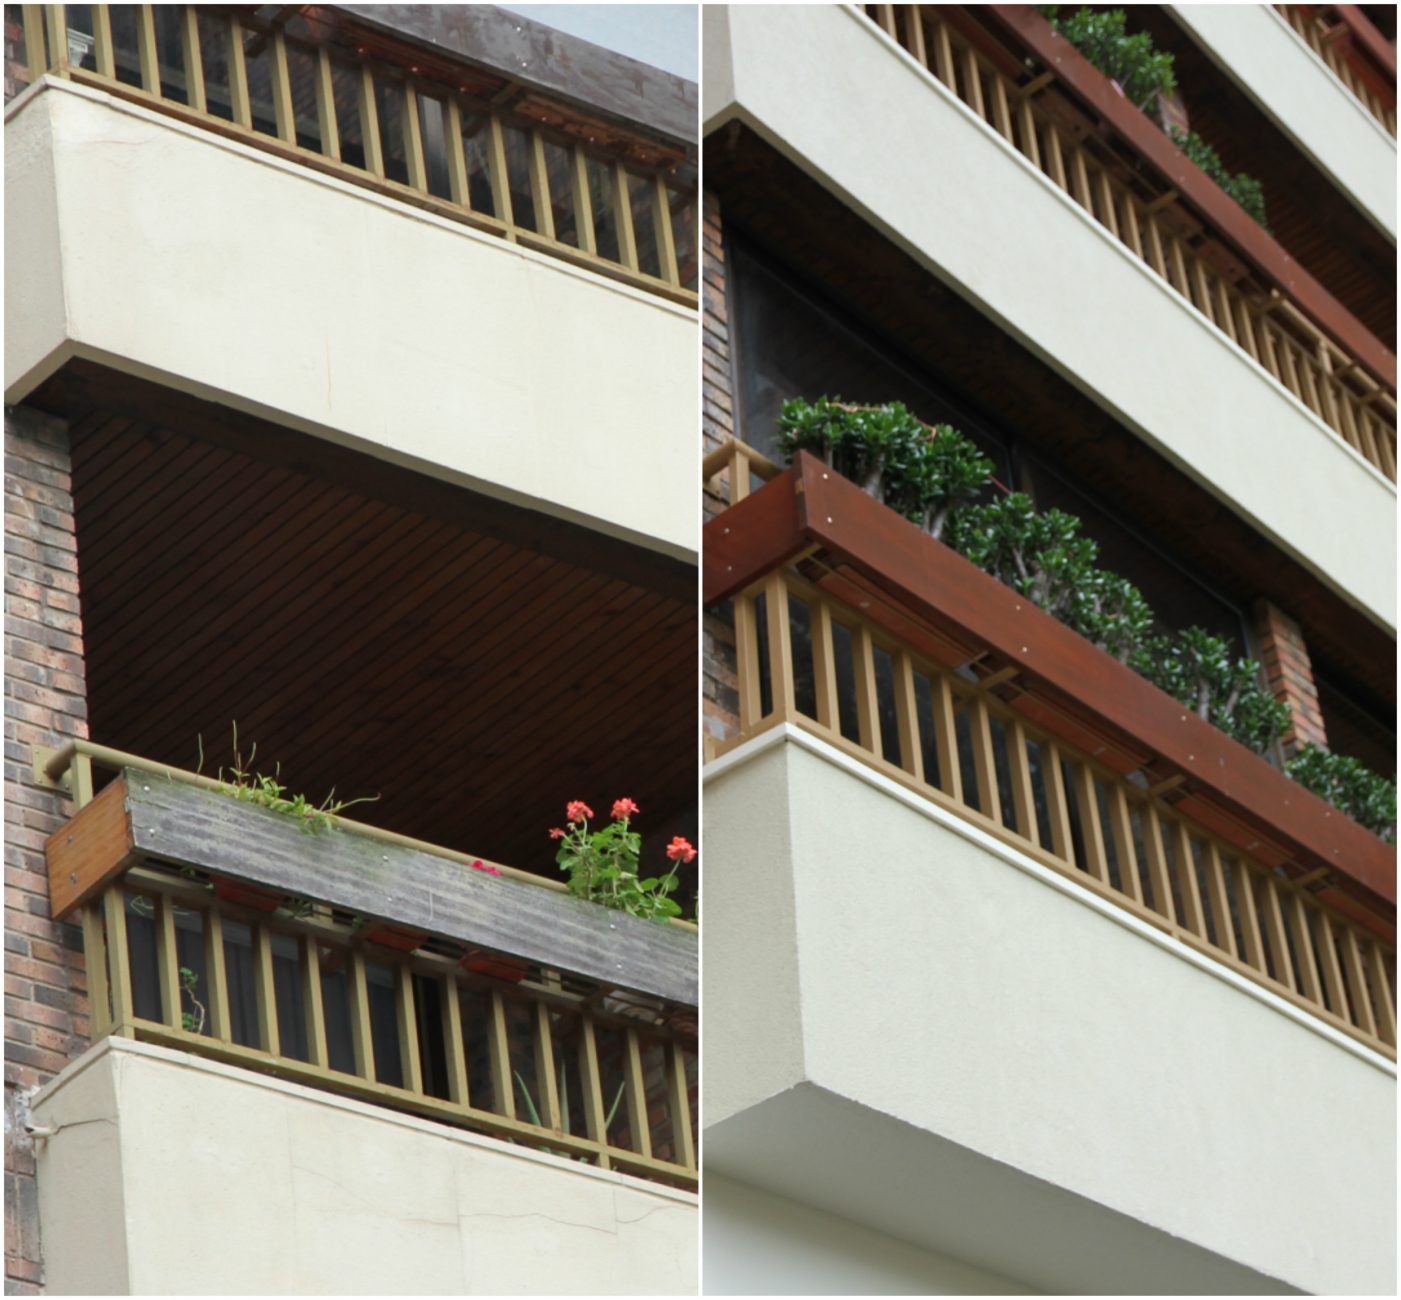 Obras y reformas de fachadas en Getxo